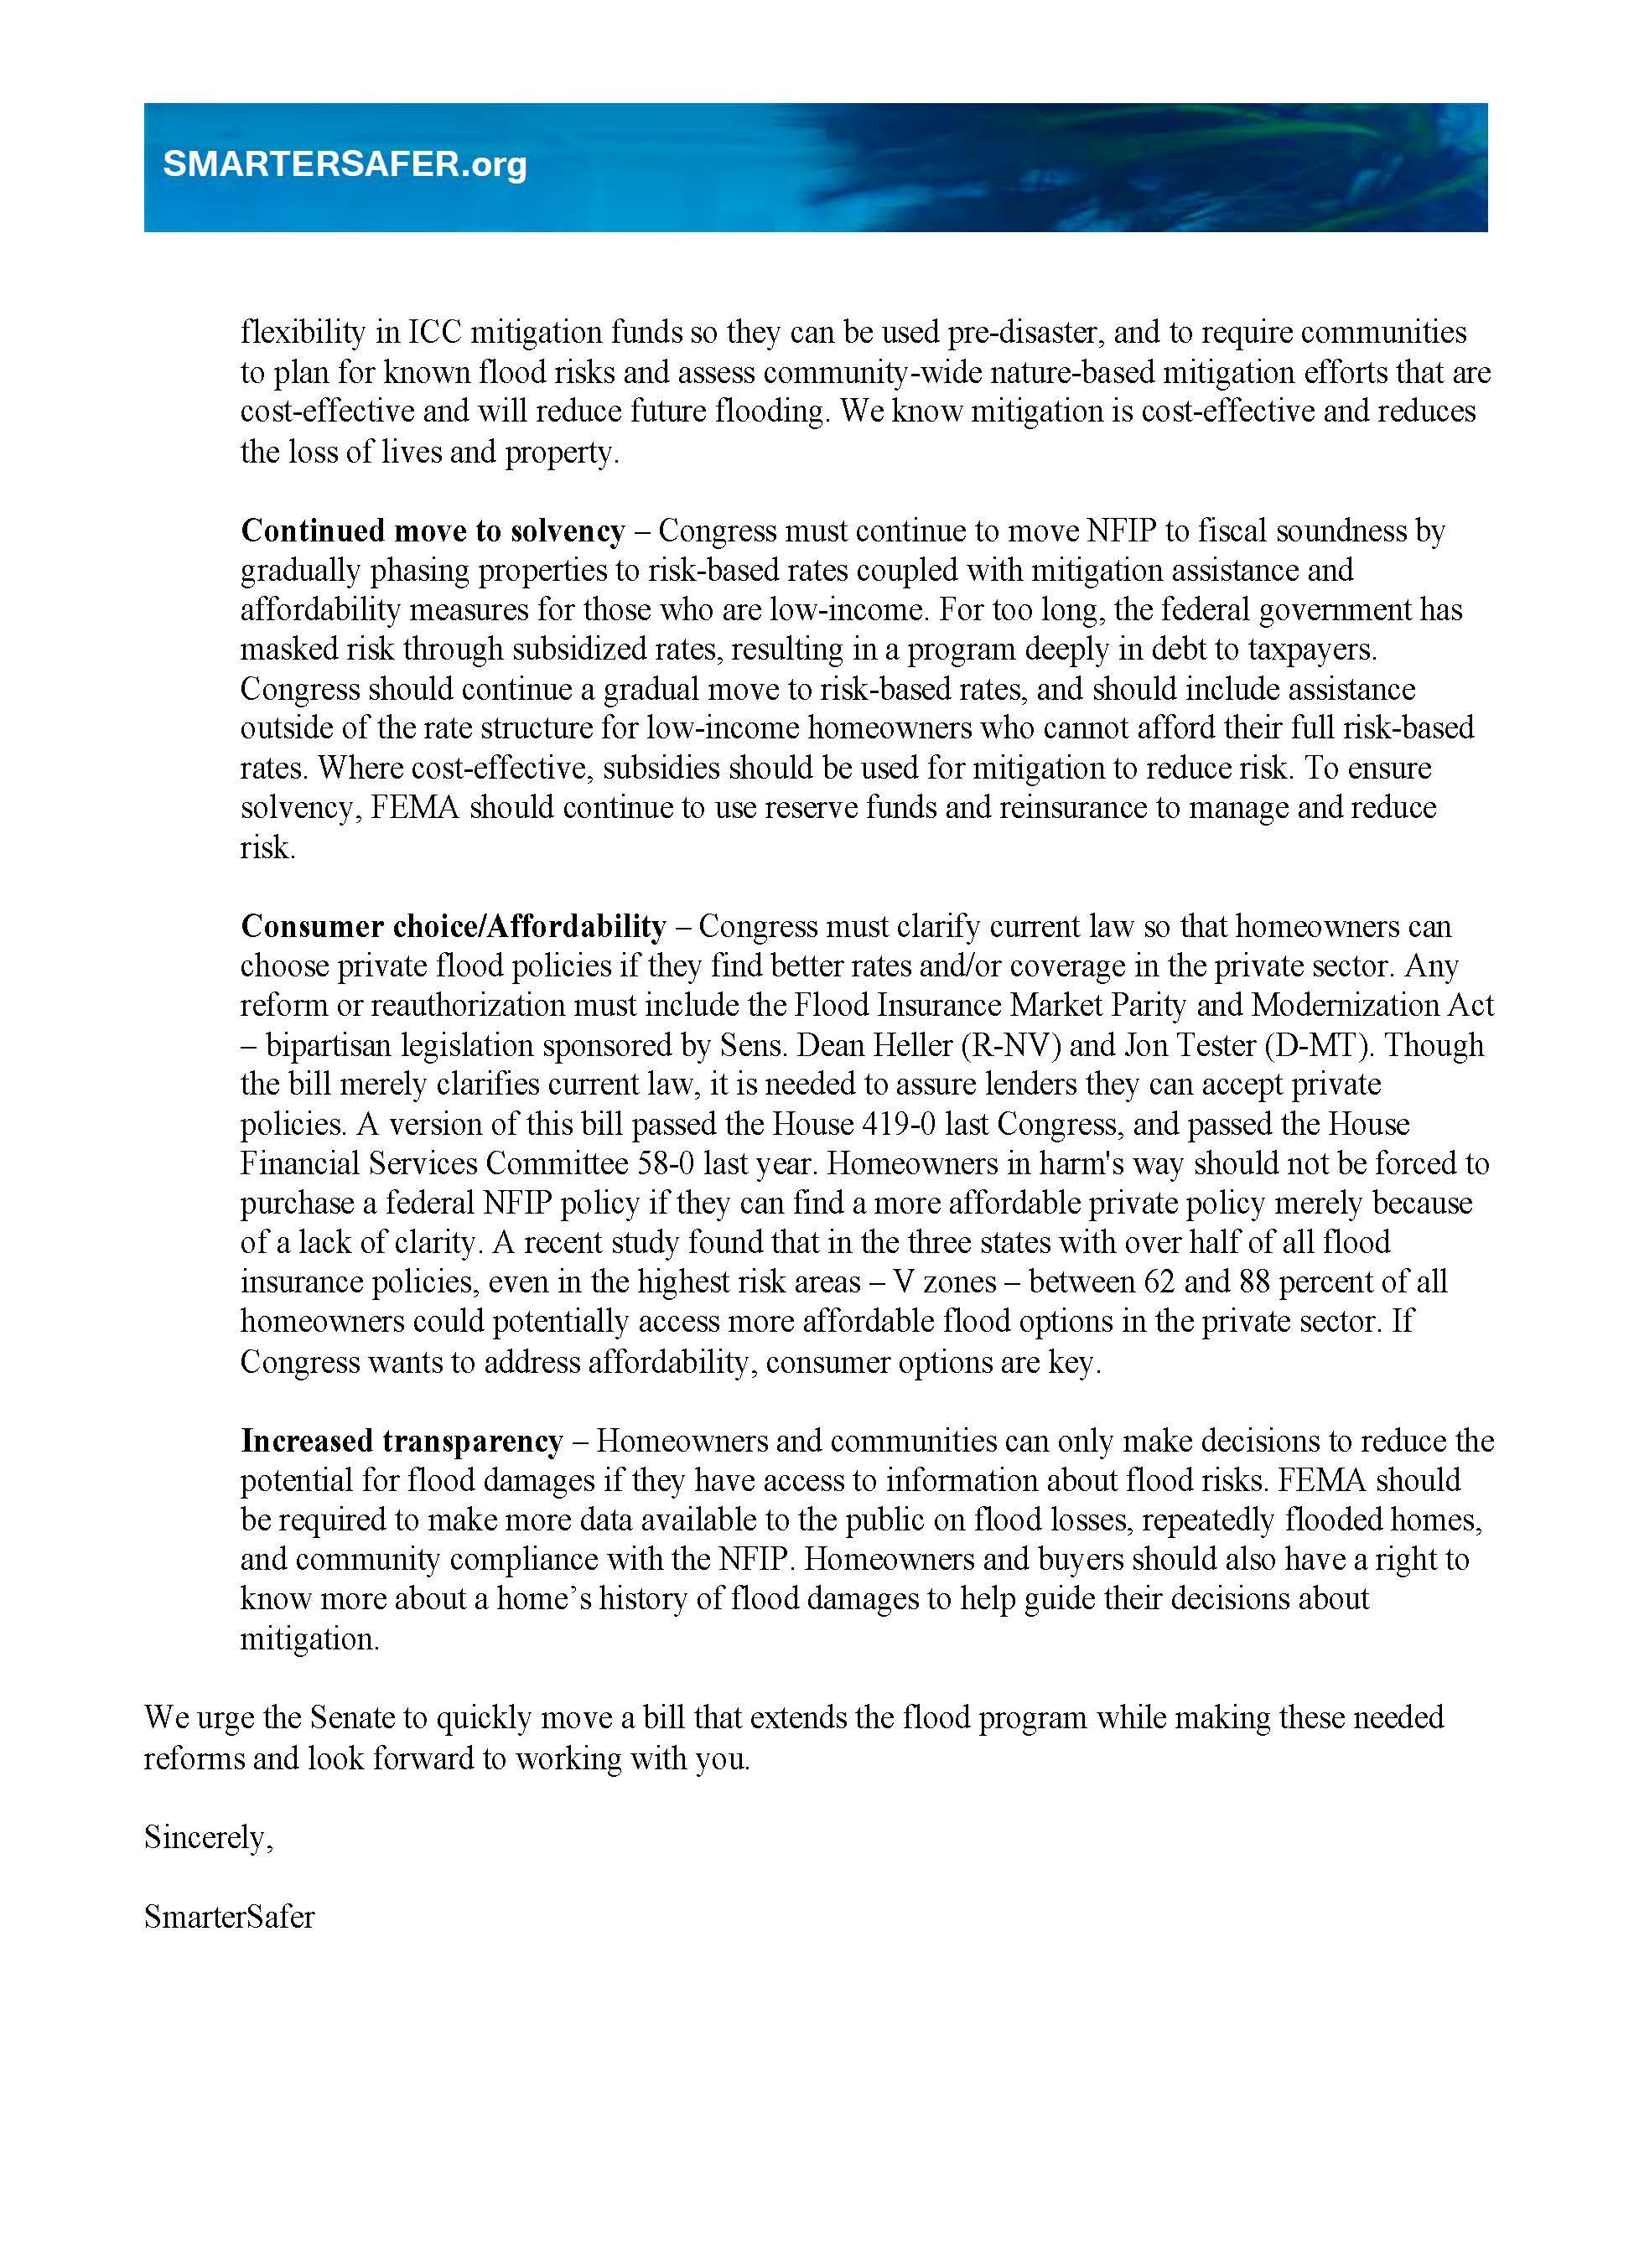 SmarterSafer letter 7.5.18_Page_2.jpg